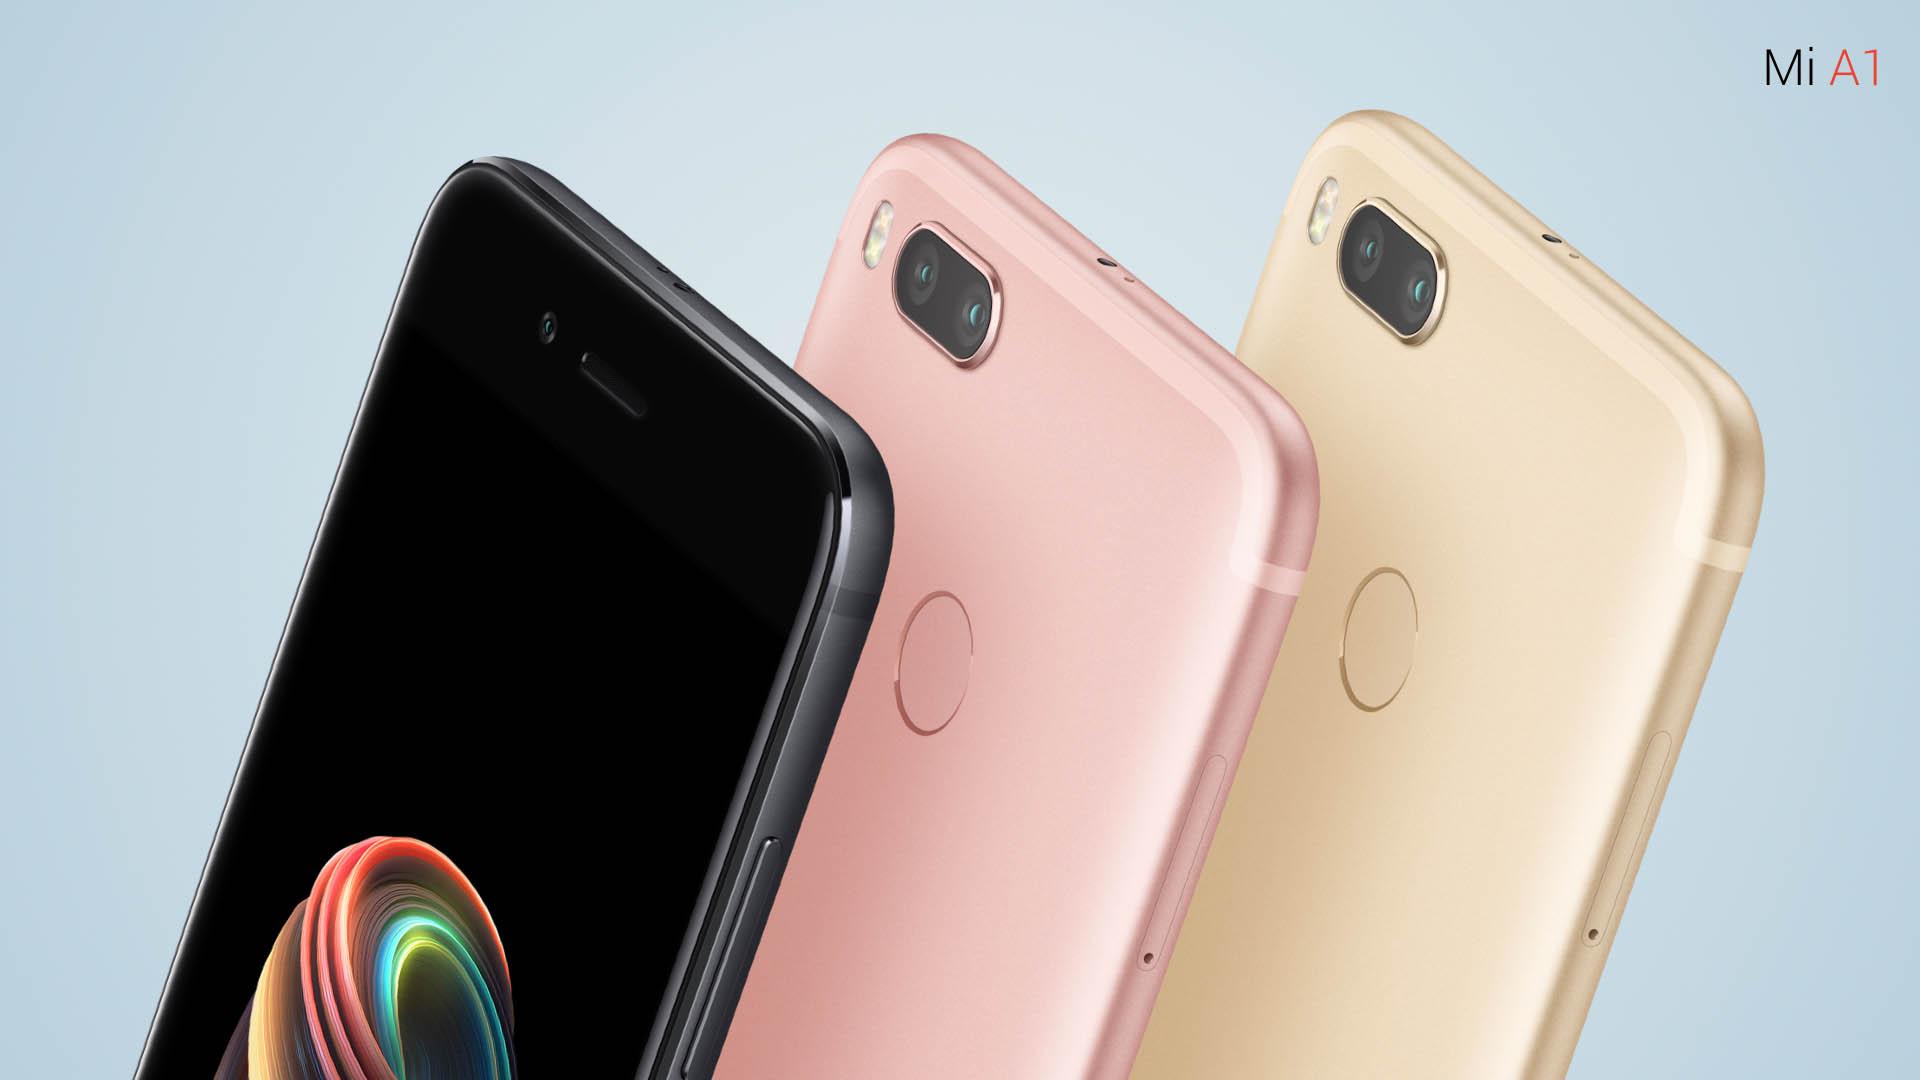 У 2019 році Xiaomi може випустити Mi A3 Lite, Mi A3 та Mi A3 Pro?